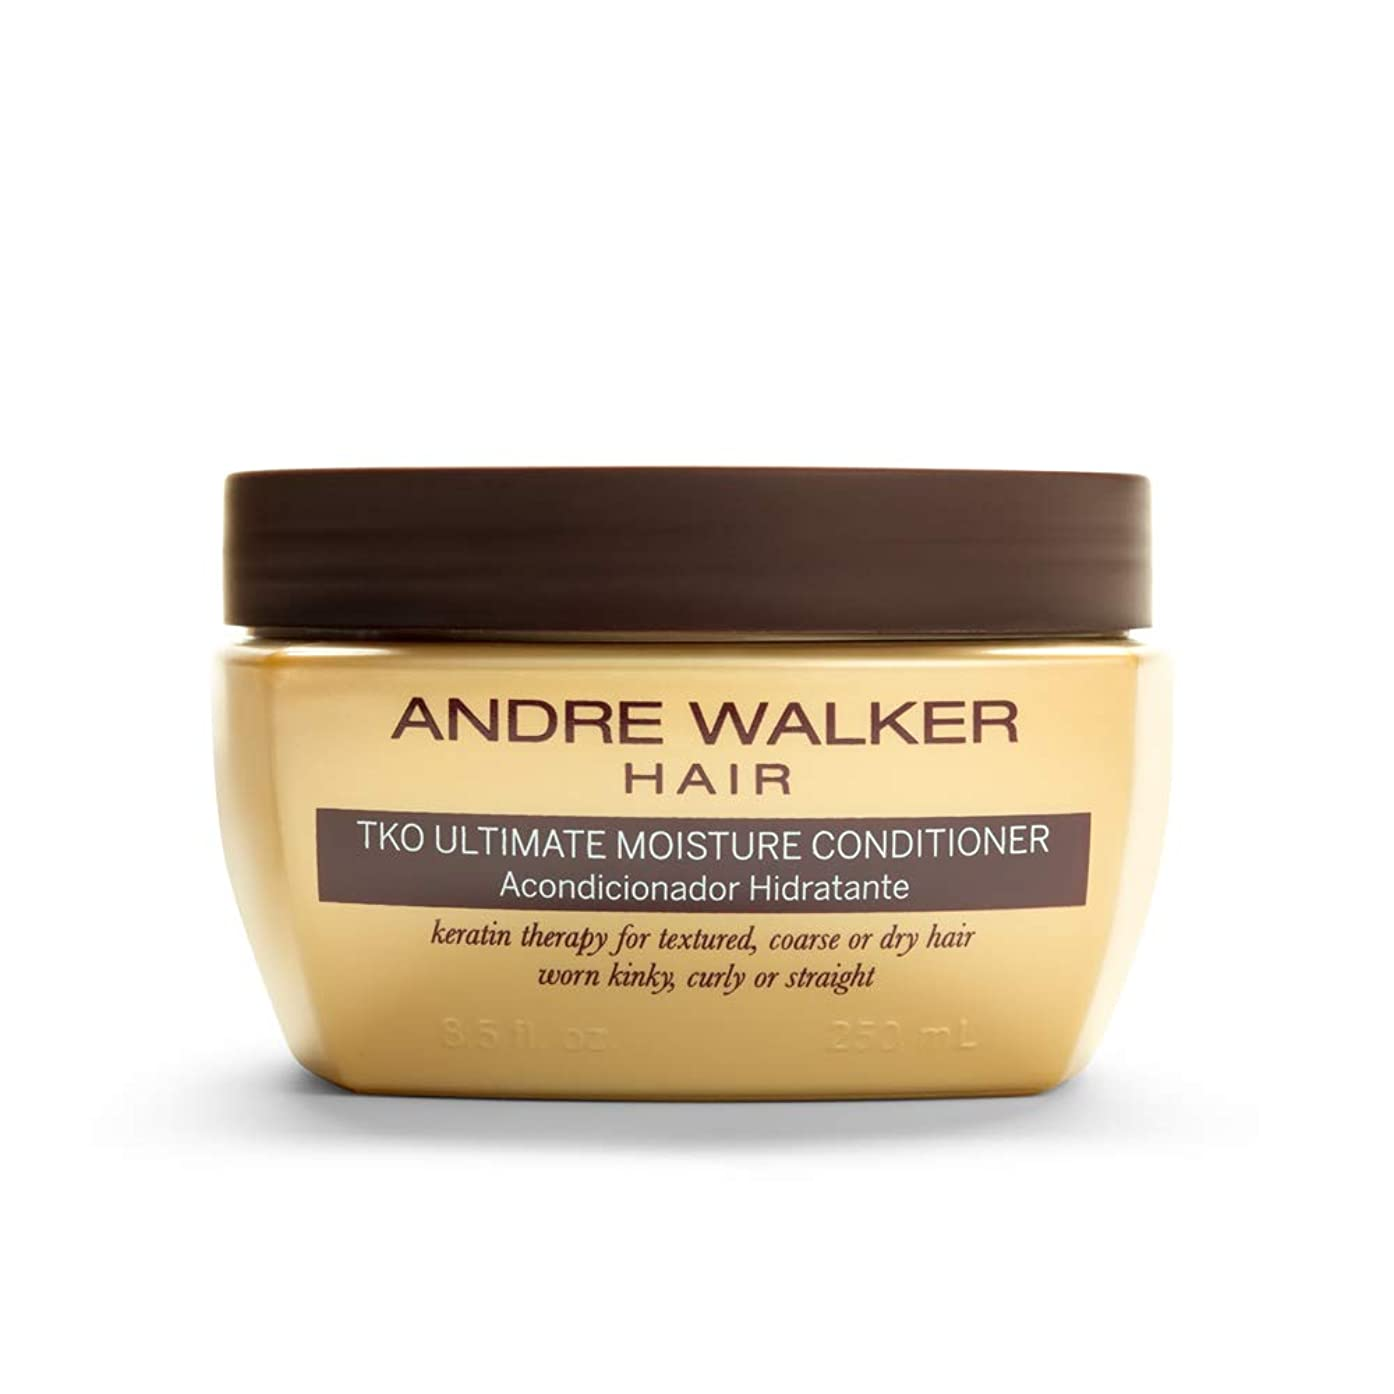 スクリーチ常識ほかにAndre Walker Hair The Gold System TKO Ultimate Moisture Conditioner 8.5 fl oz. by Andre Walker Hair